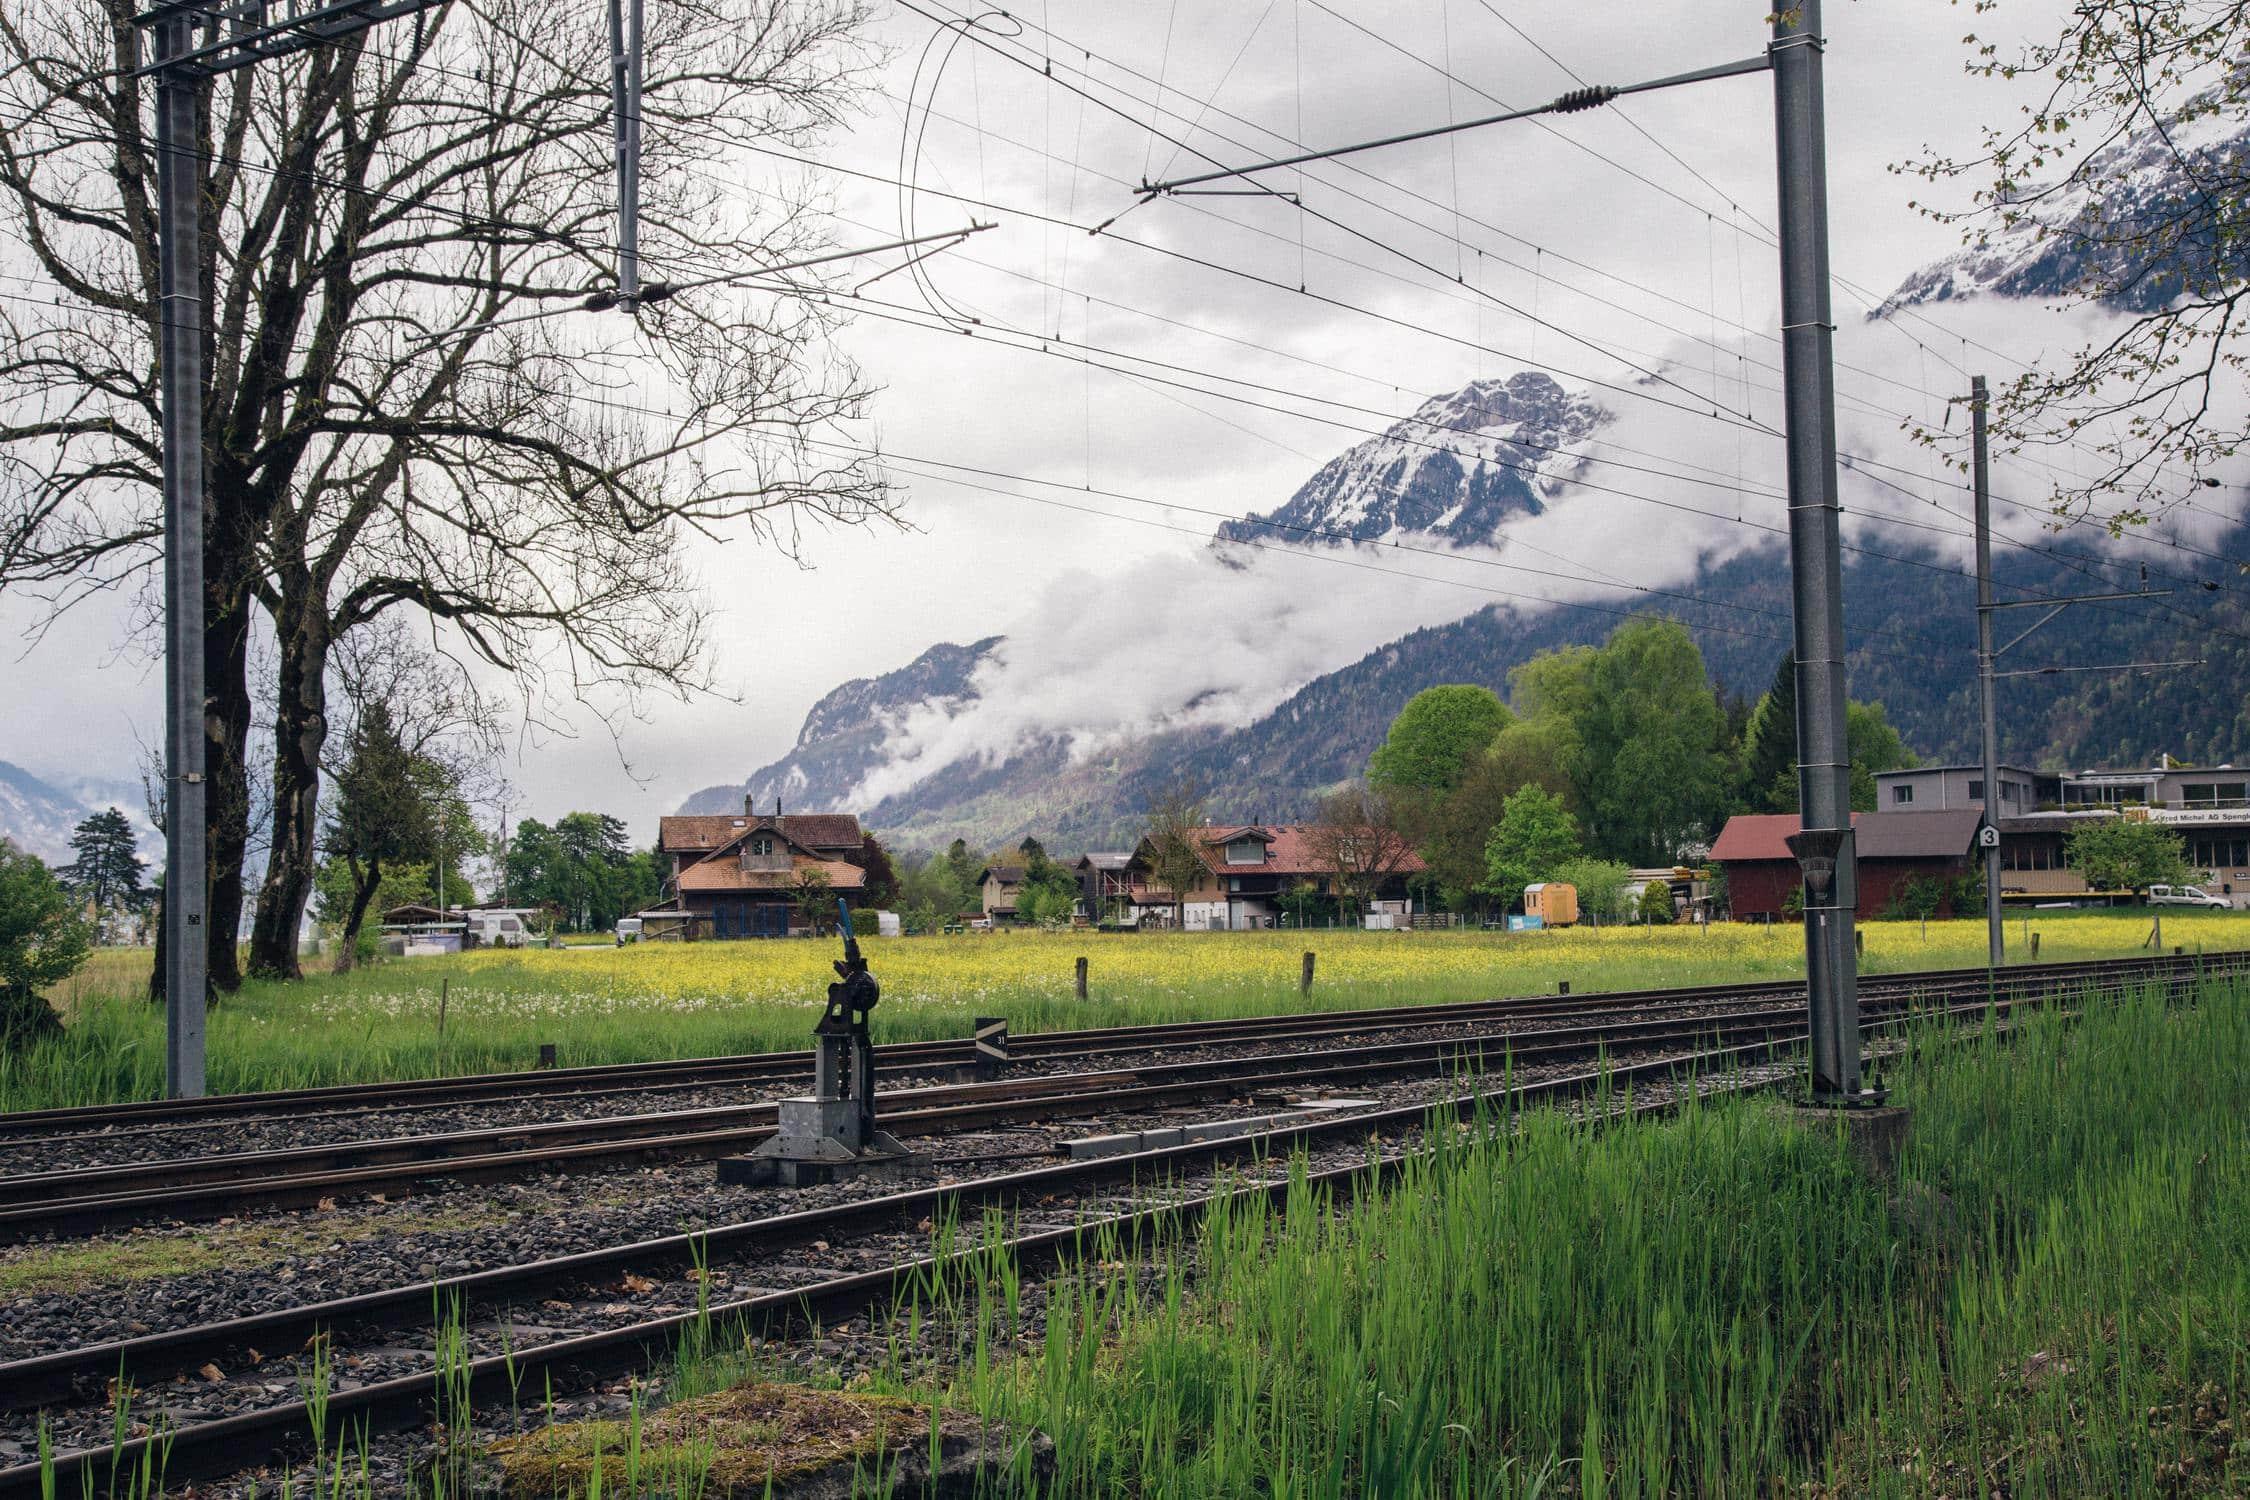 Fotografie in den Bergen mit Schienen, die die Bahnindustrie in Österreich darstellen sollen